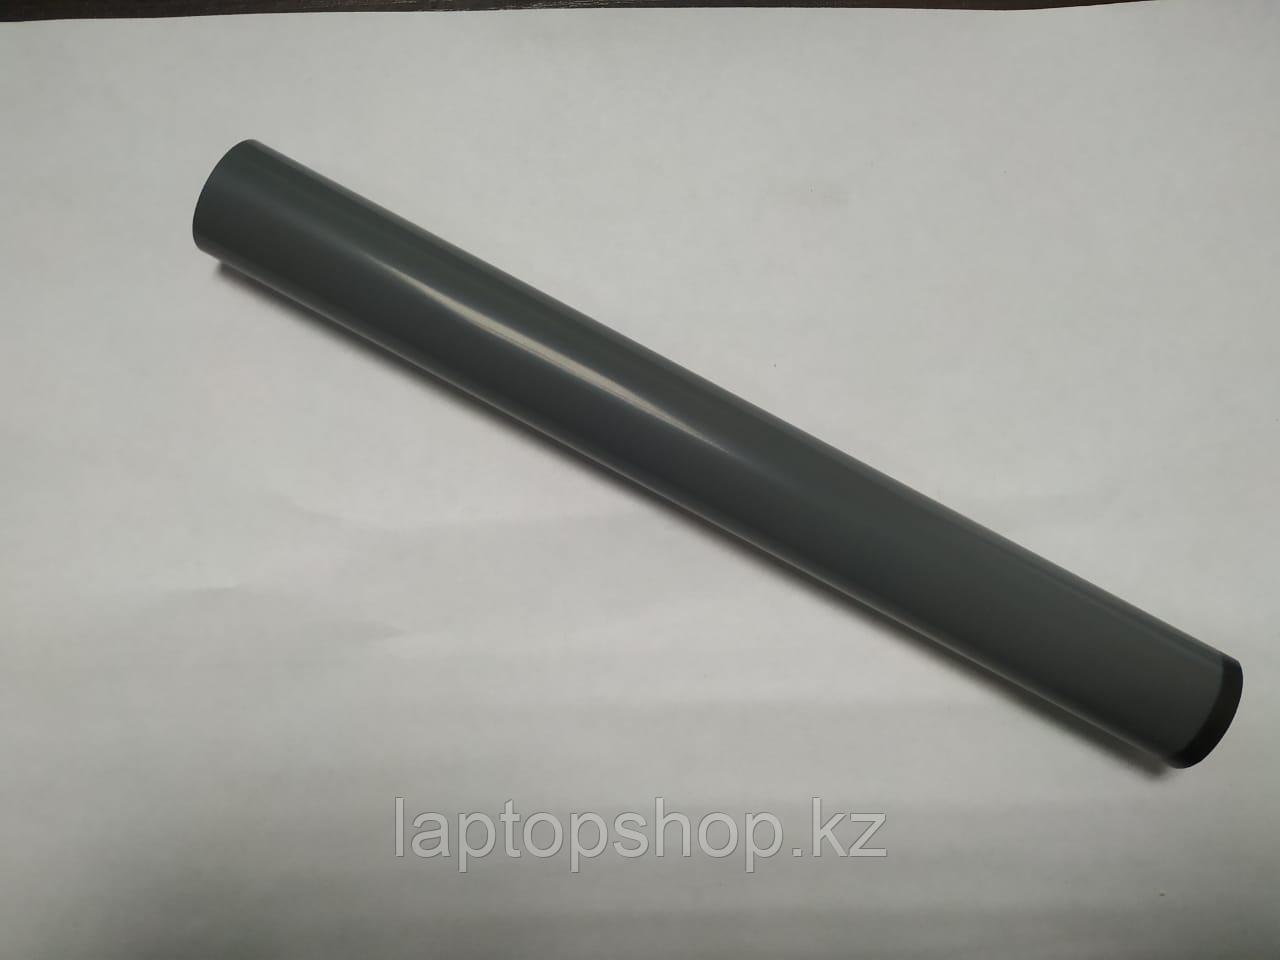 Термопленка HP LJ 1100